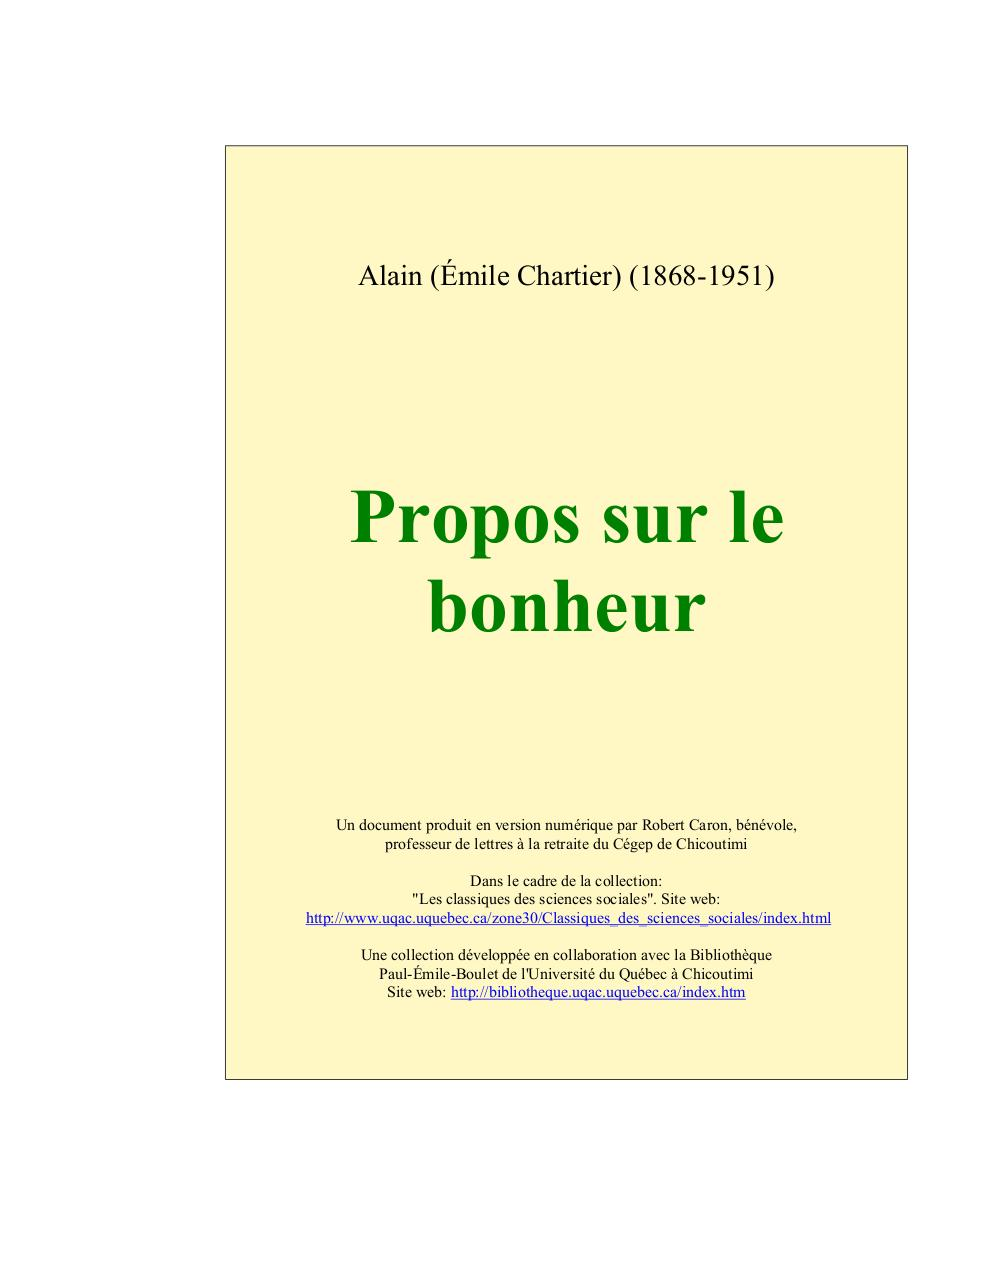 Propos Sur Le Bonheur Alain Pdf : propos, bonheur, alain, Alain, Propos, Bonheur, Jean-Marie, Tremblay, Fichier